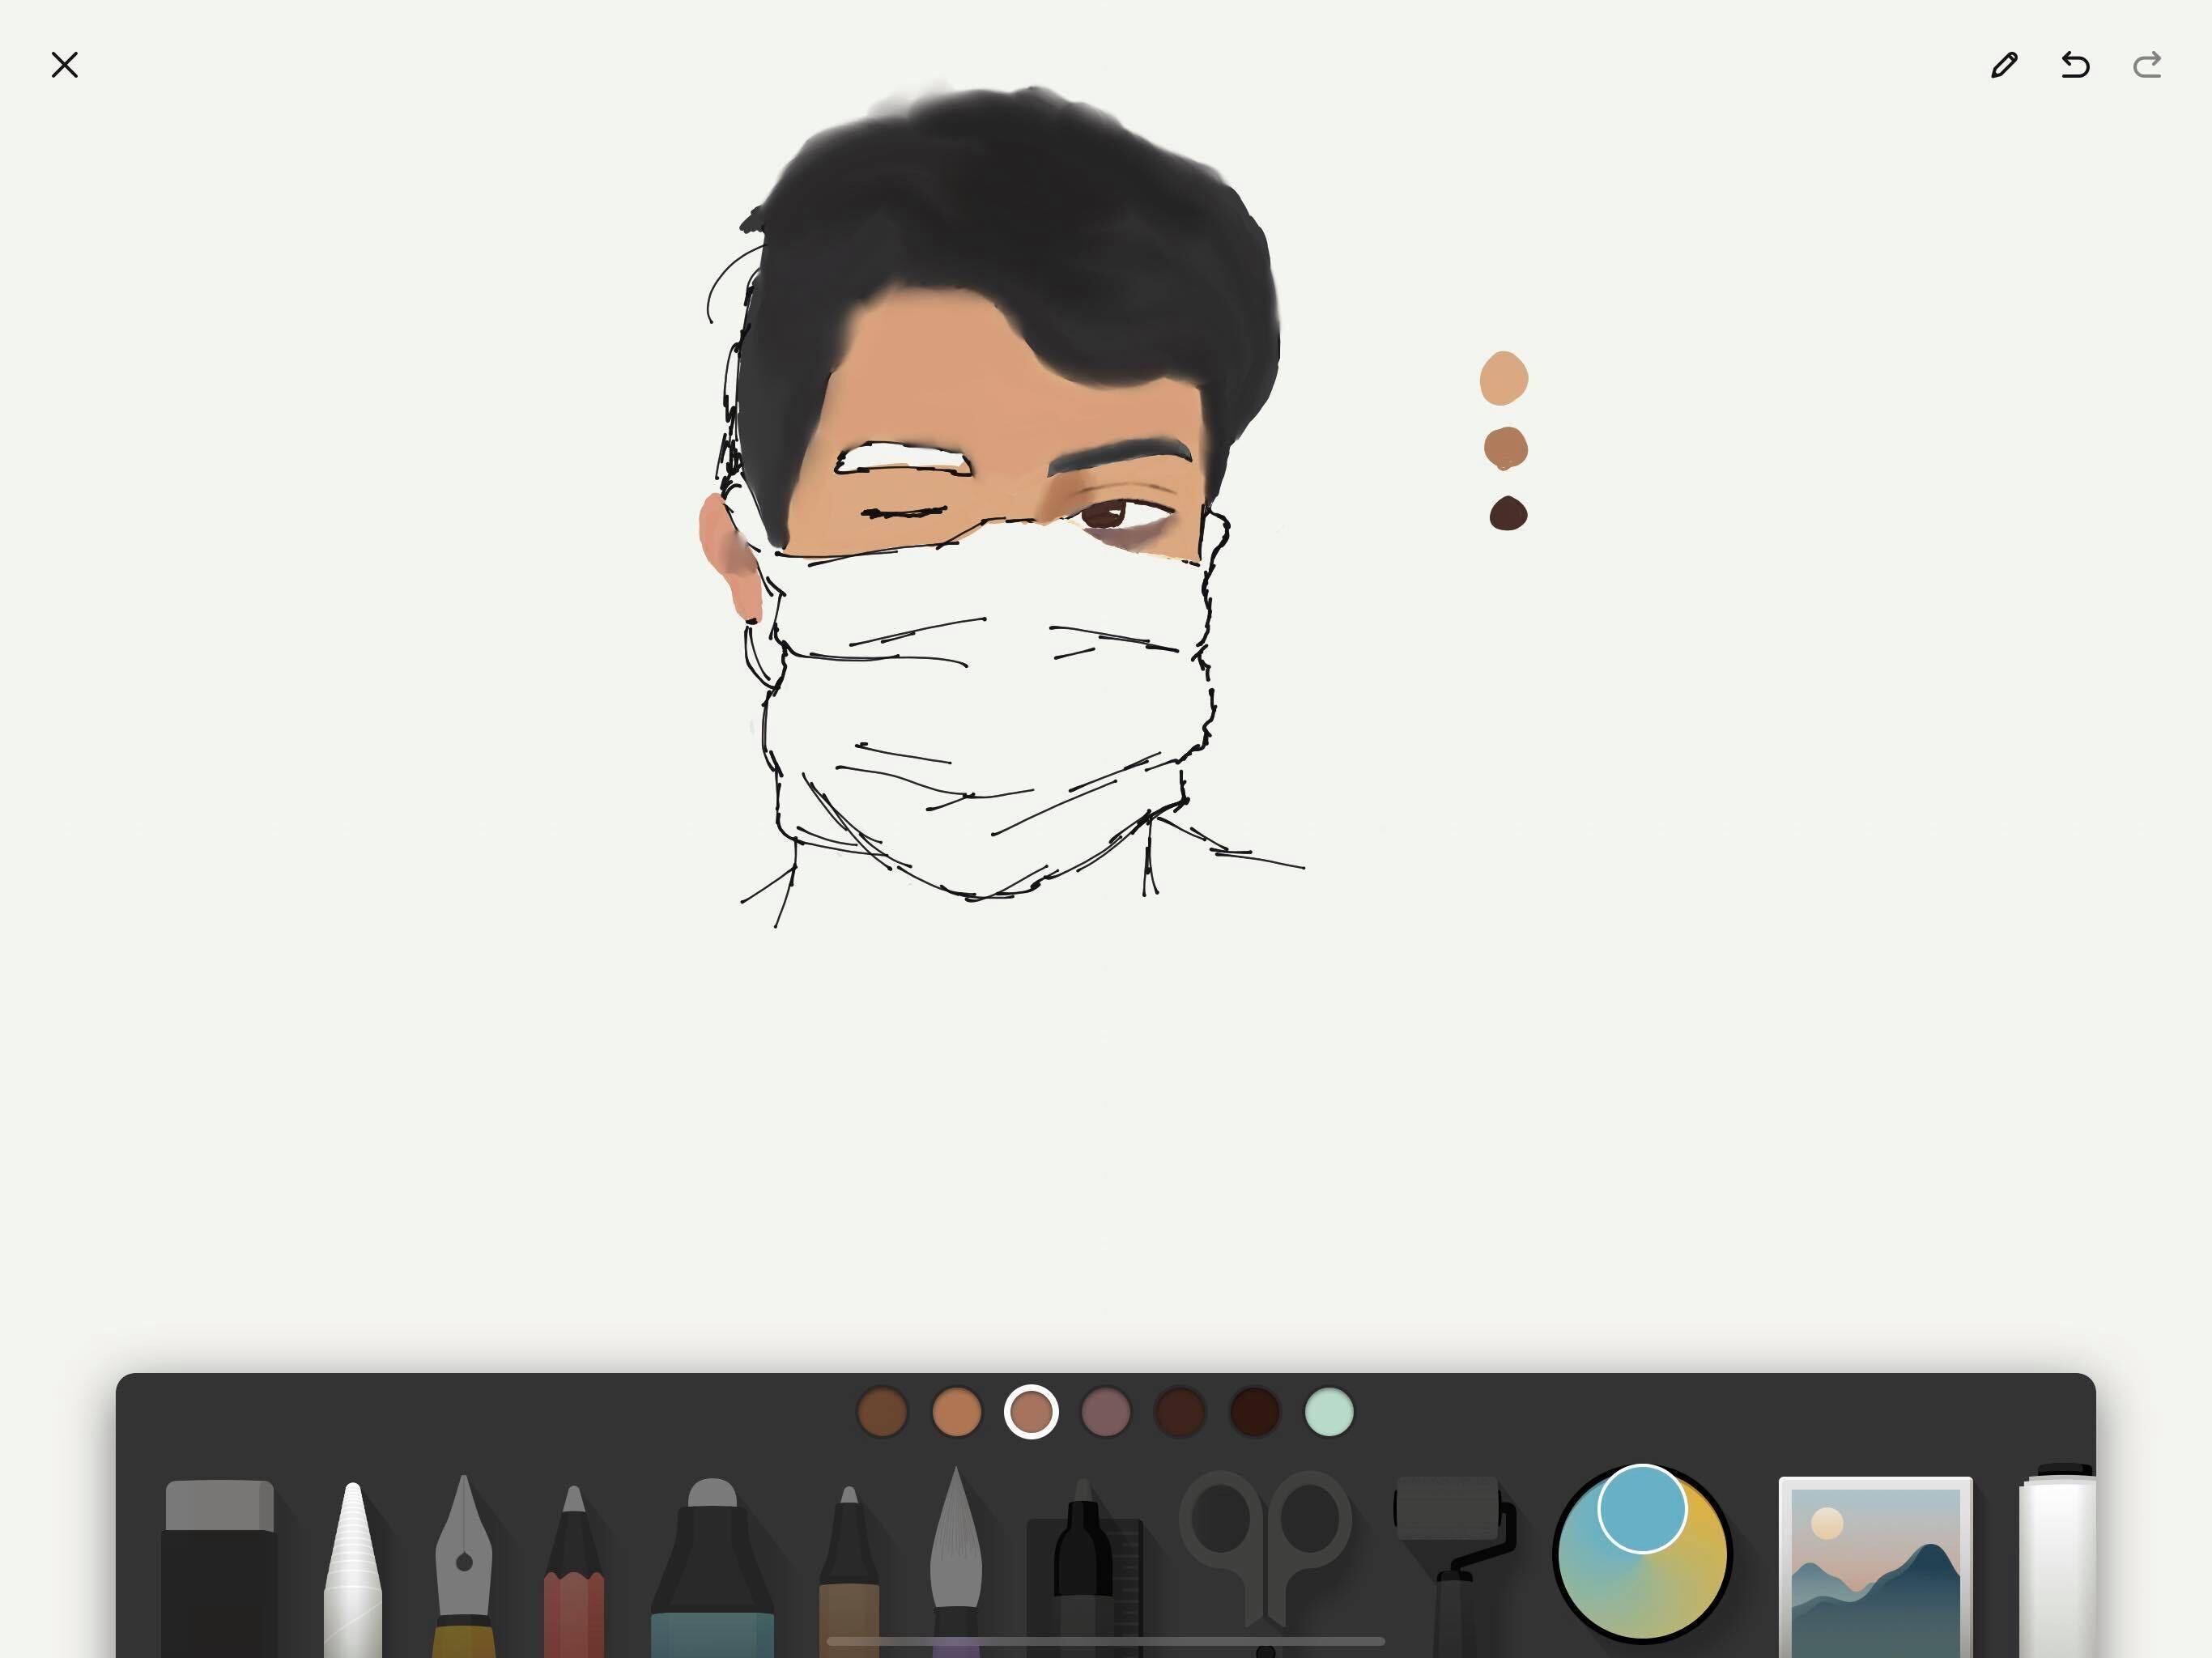 https://cloud-rmkho8cyp.vercel.app/0image_from_ios.jpg